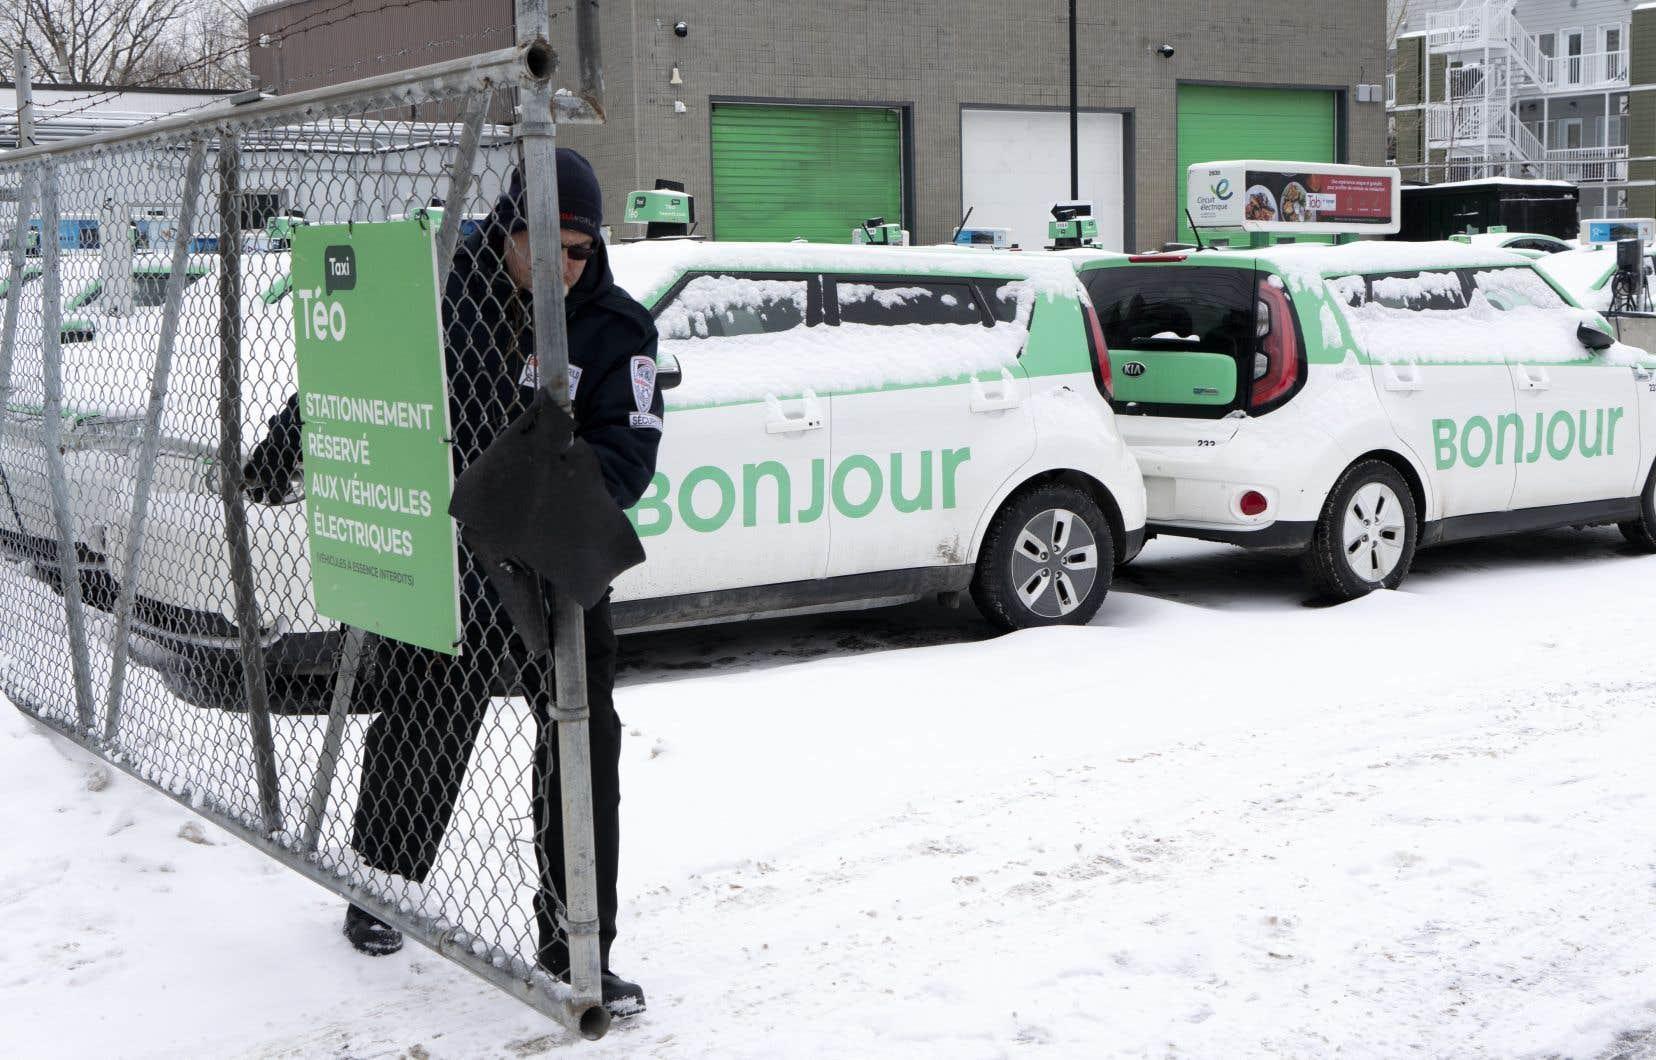 «Aucun repreneur sensé ne se lancera aujourd'hui dans l'aventure du taxi si les règles du jeu ne sont pas modifiées», juge l'expert en finance Michel Nadeau.